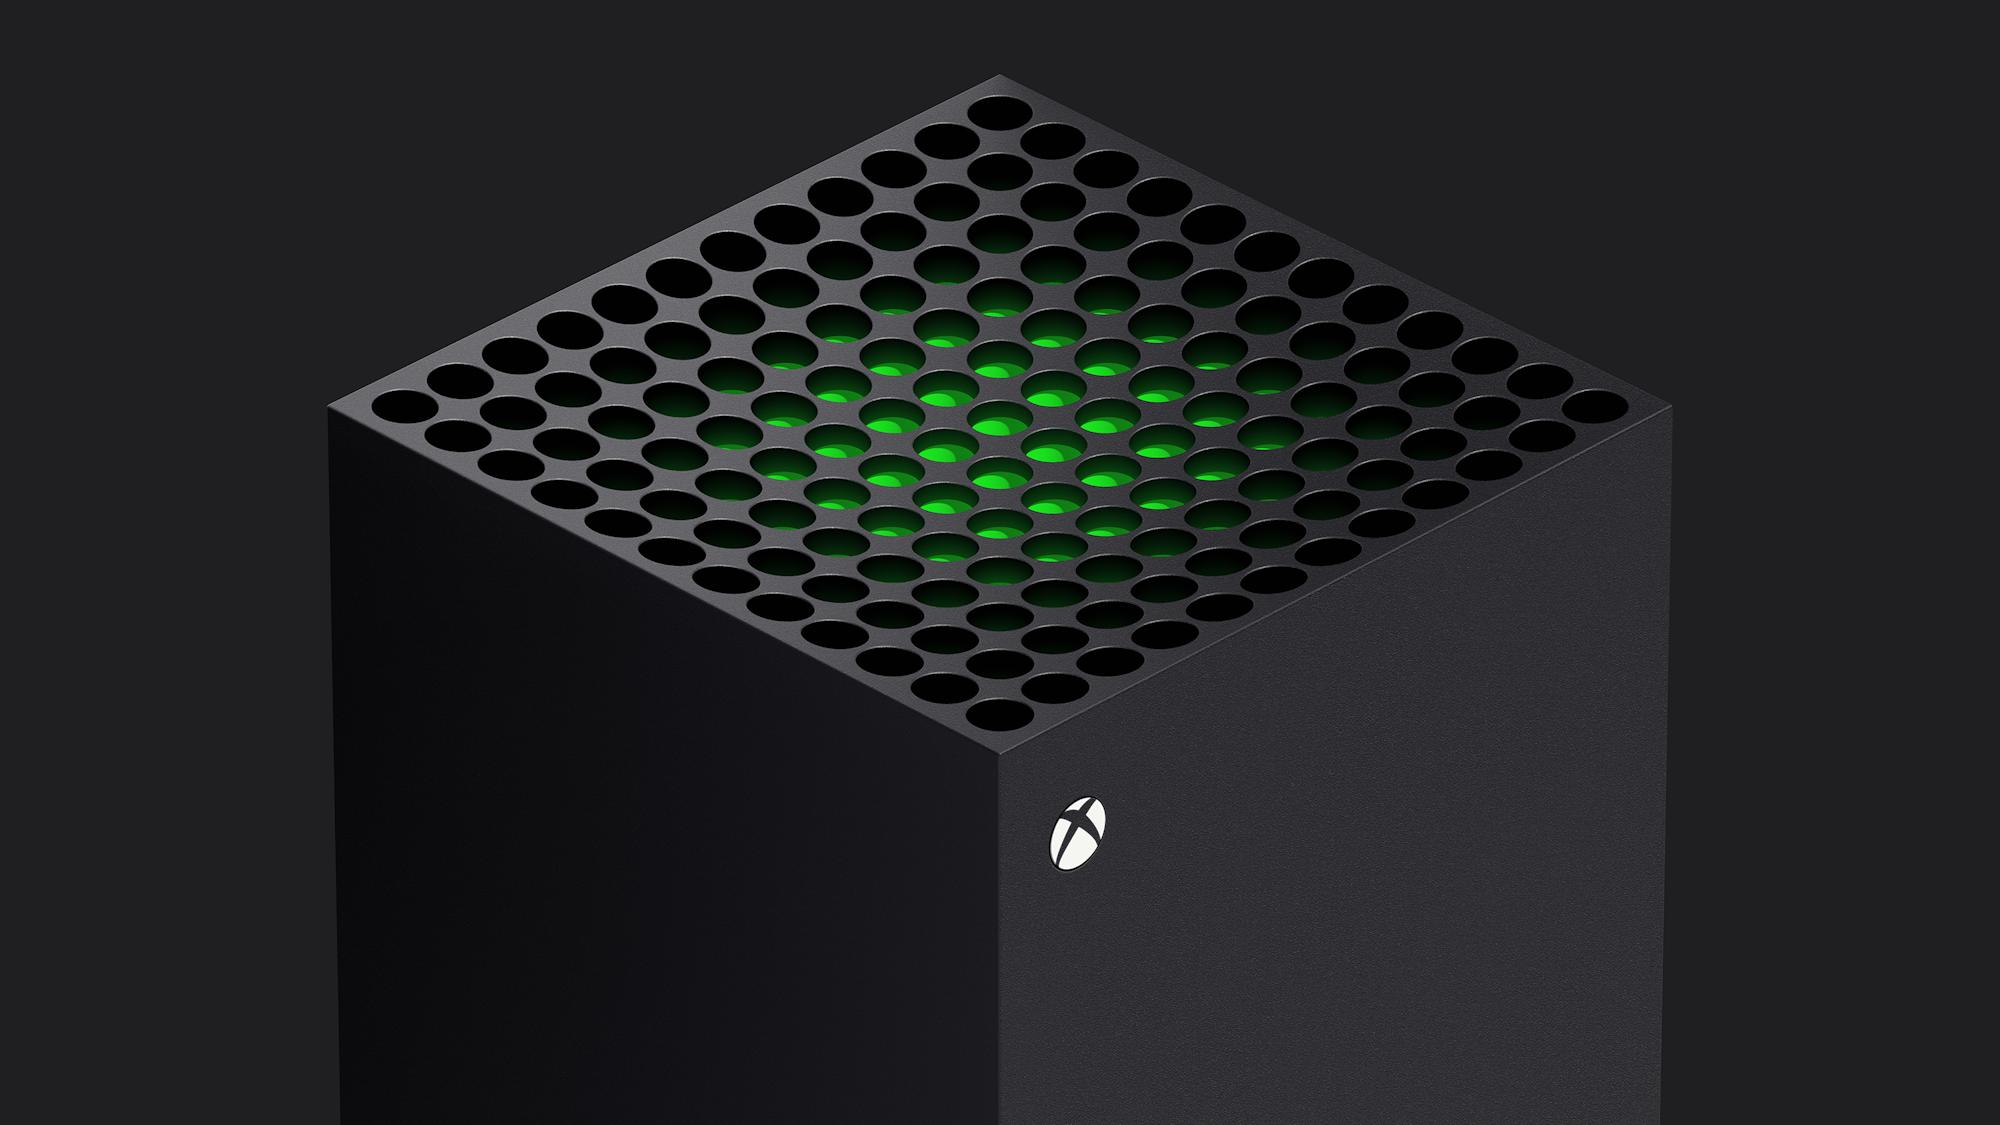 La compatibilité des périphériques/accessoires PS4 sur PS5